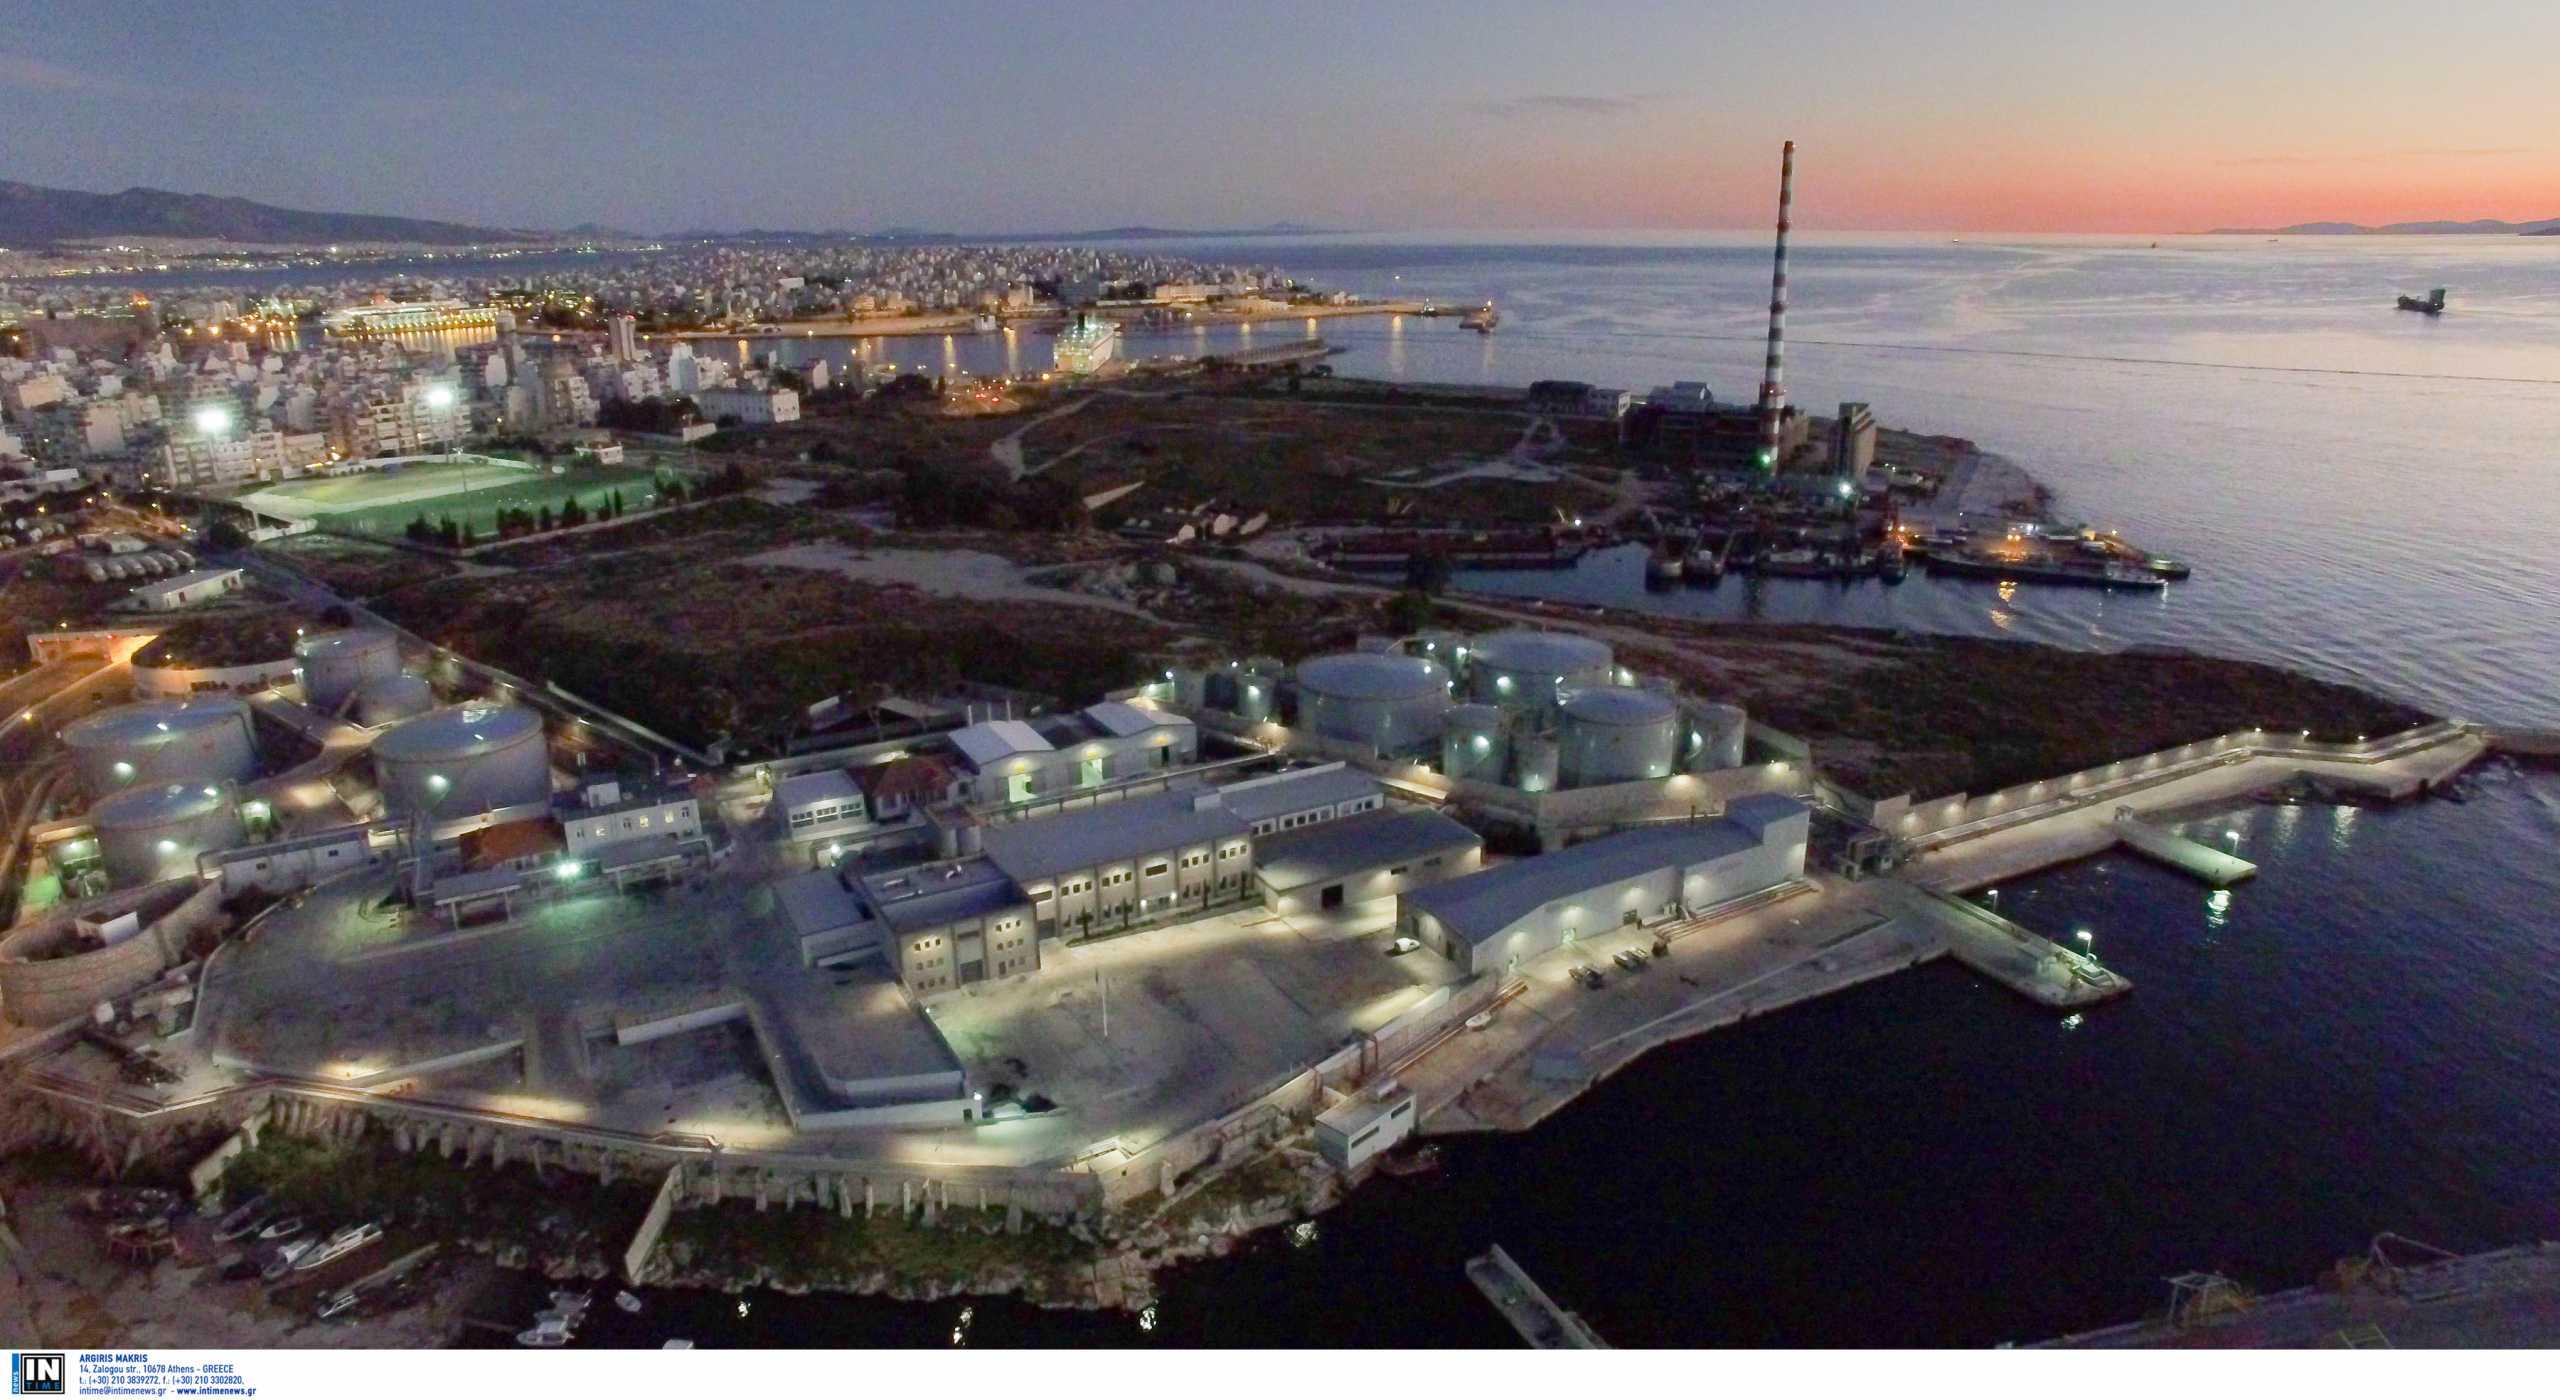 Ελευσίνα: Συναγερμός για πετρελαιοκηλίδες – Επιχειρήσεις απορρύπανσης σήμερα